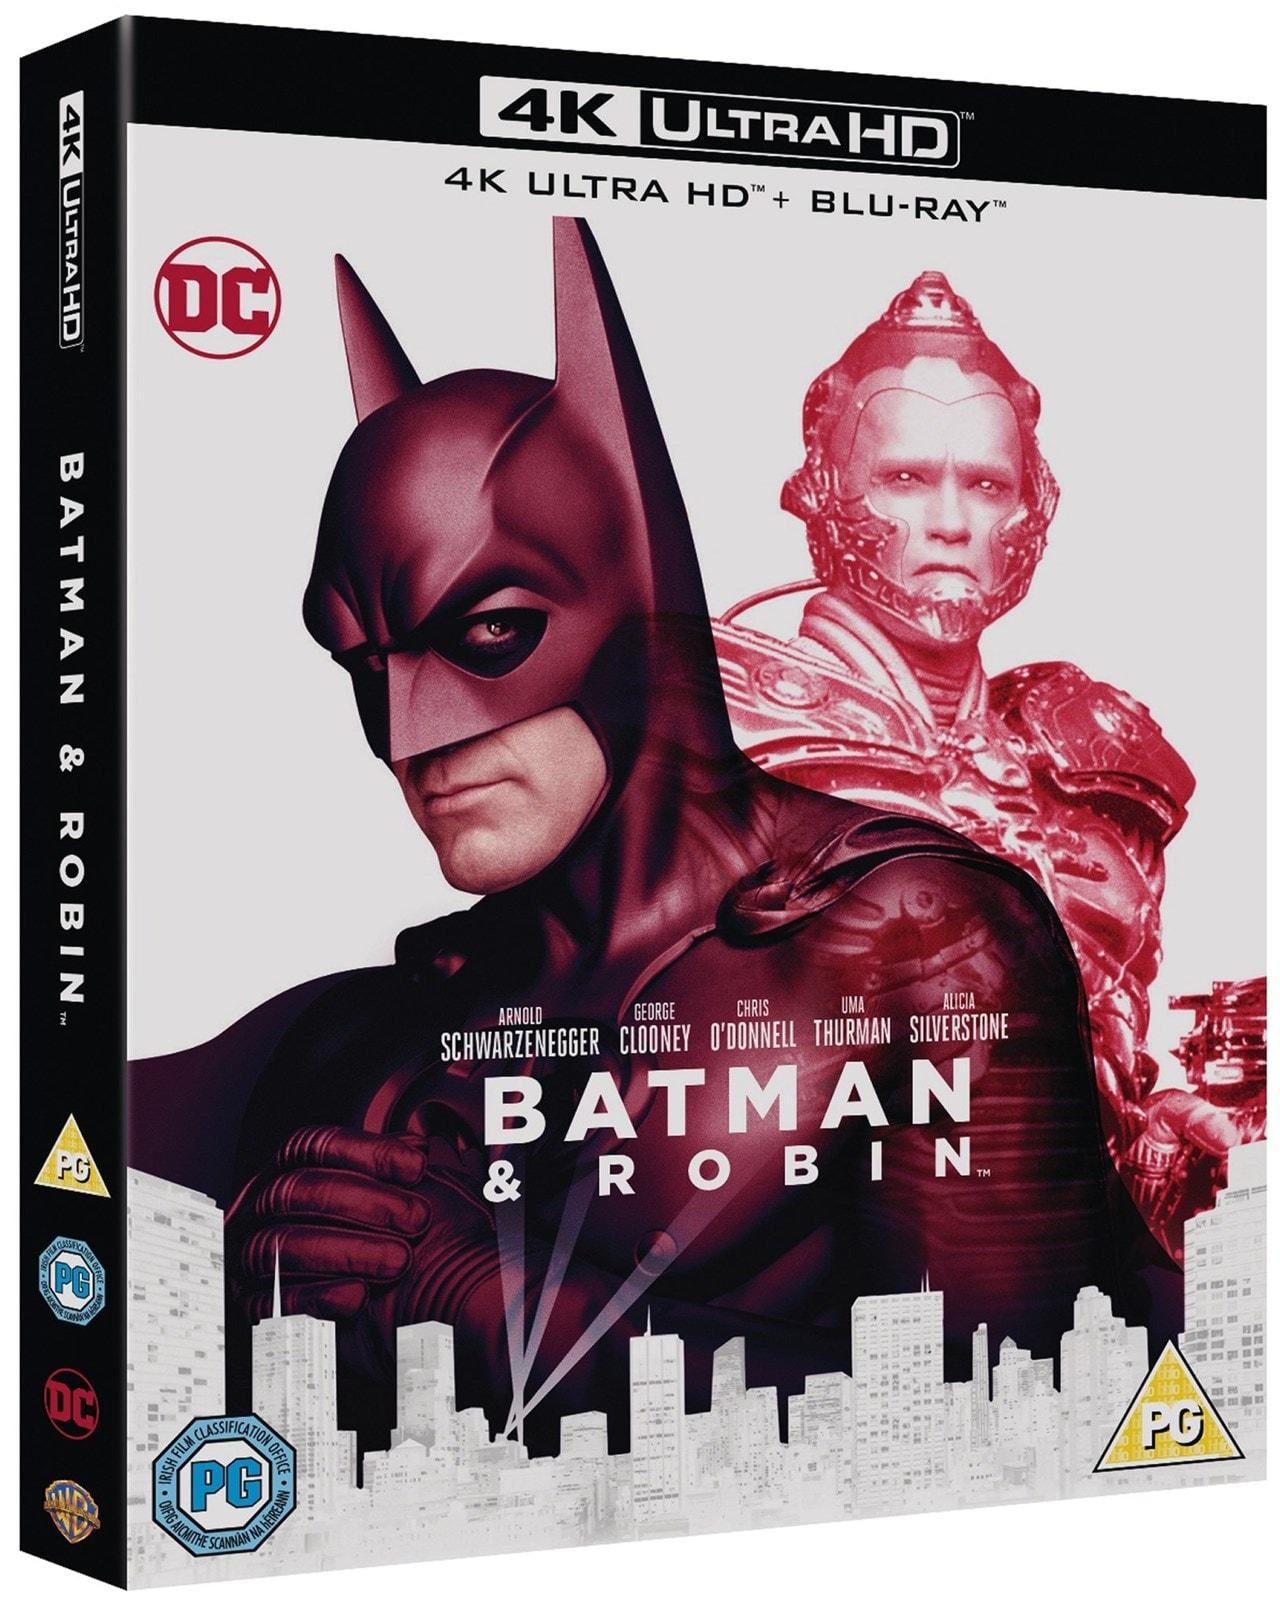 Batman & Robin - 2